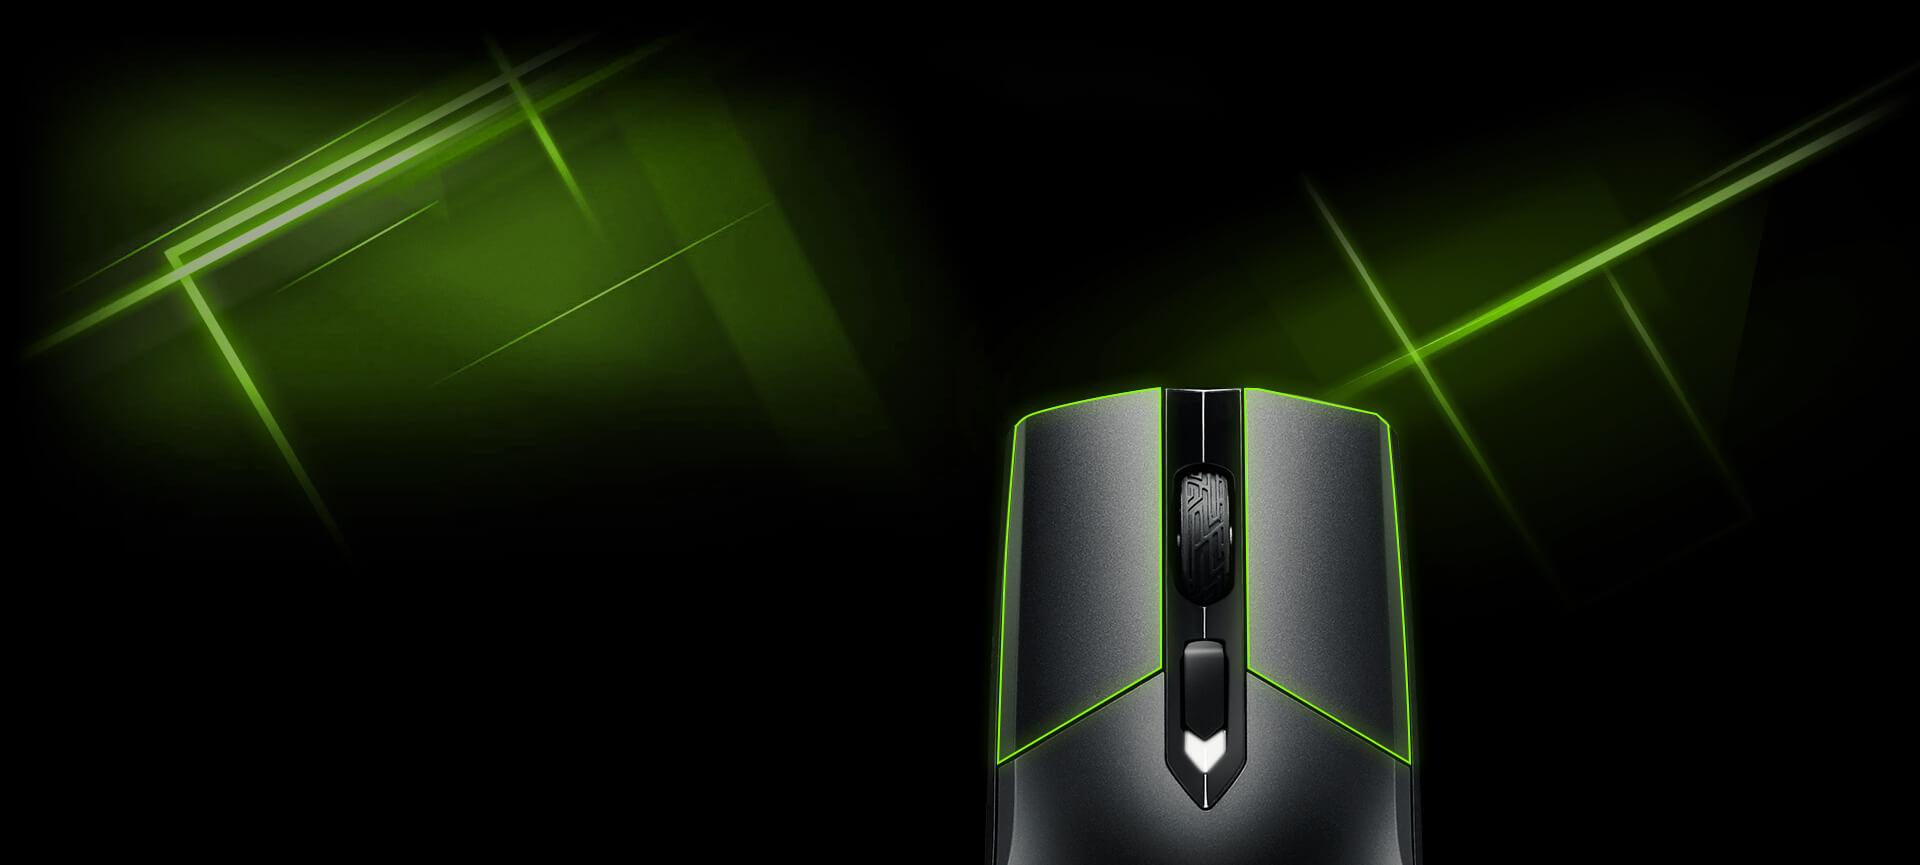 Chuột chơi game Asus ROG Strix Impact có thiết kế 2 nút bấm tách biệt